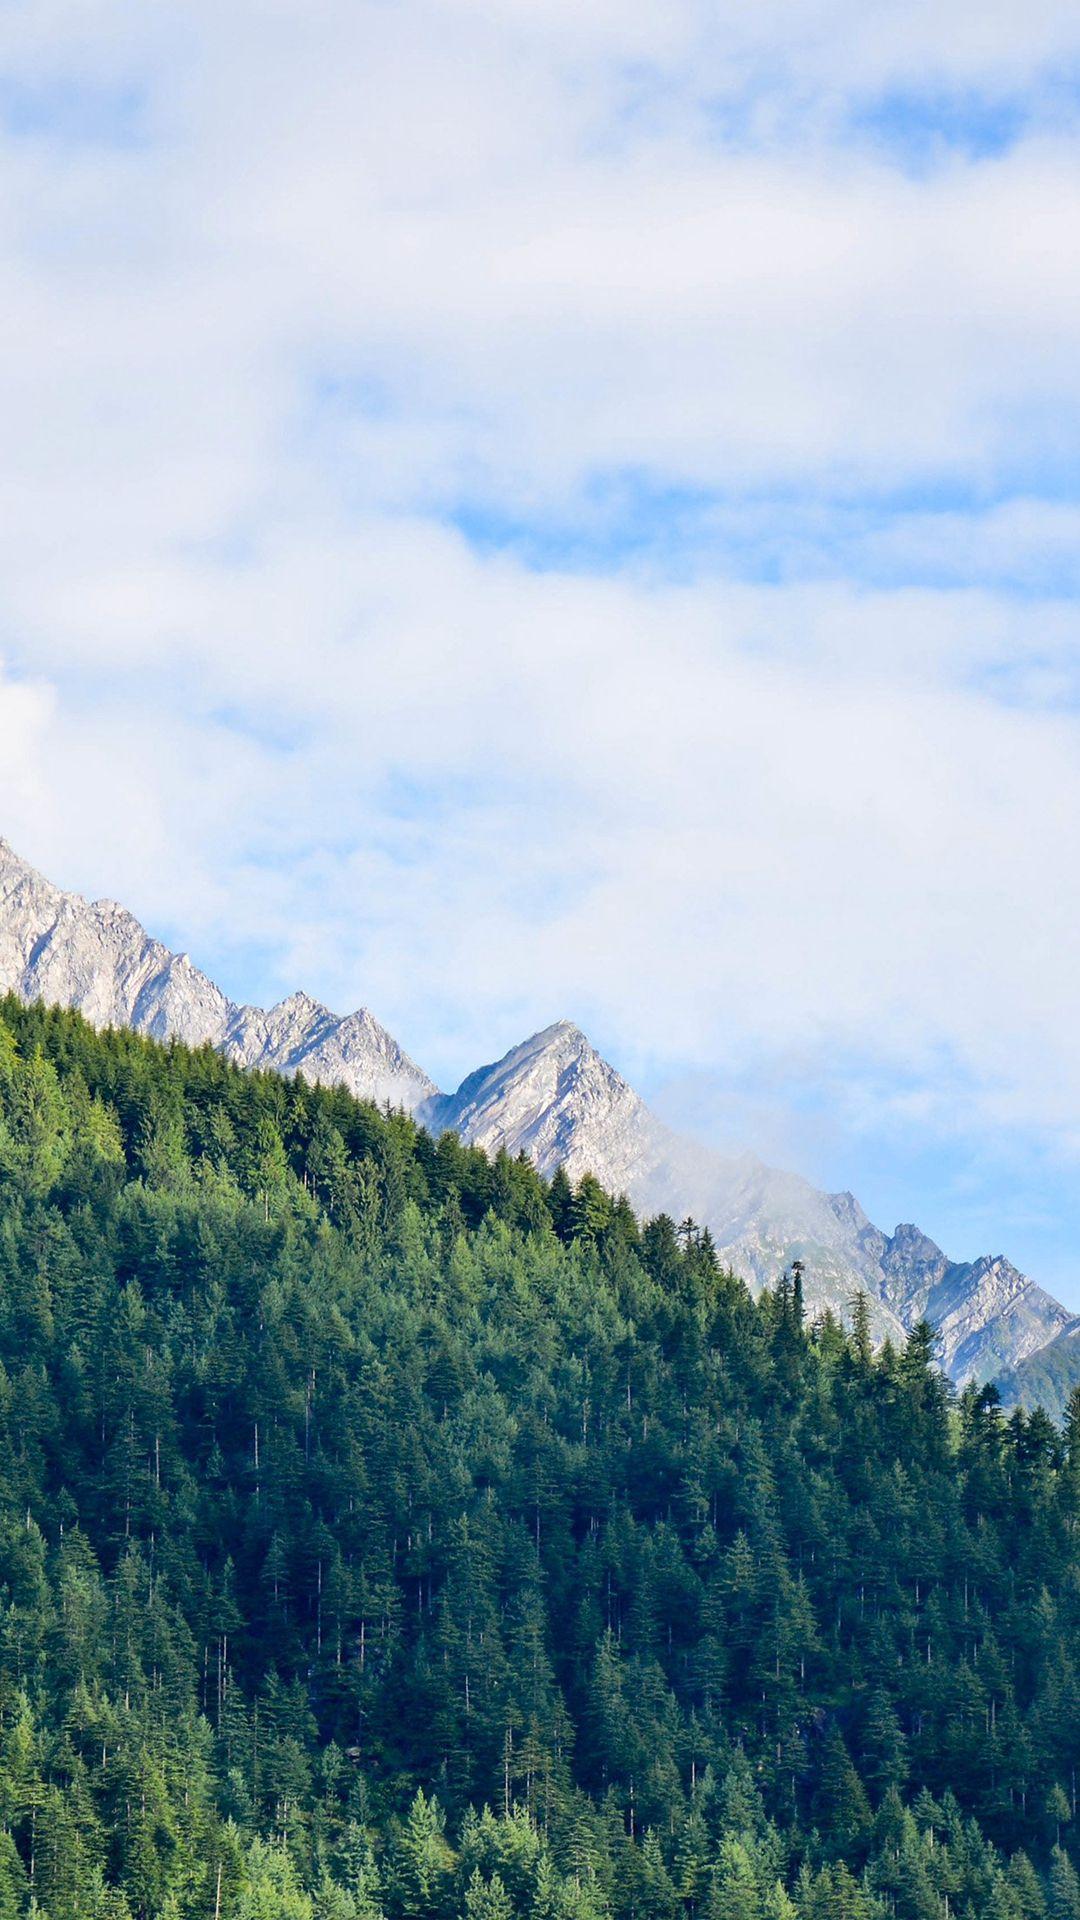 Cool Wallpaper Mountain Aesthetic - 2e574f5ad014adb9e5f461eb288e0831  Trends_401097.jpg